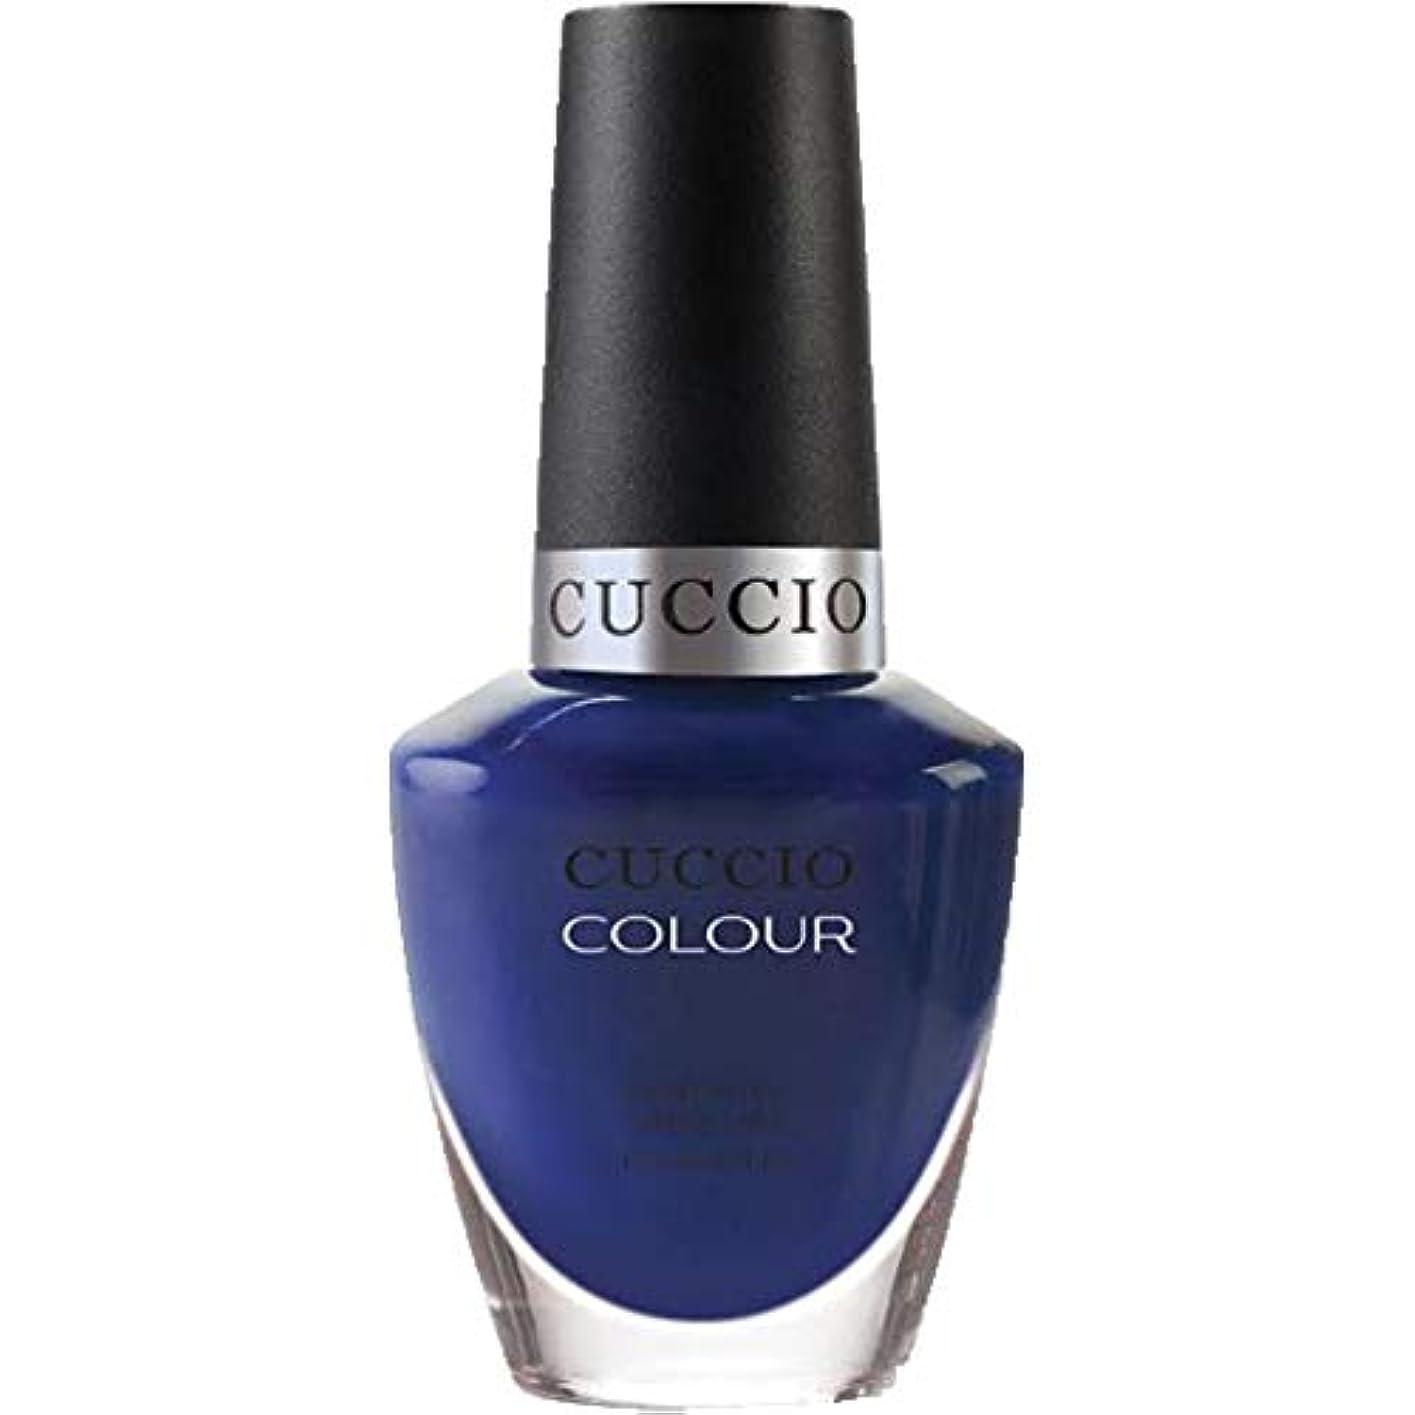 ジョージスティーブンソン繁栄する不正直Cuccio Colour Gloss Lacquer - Lauren Blucall - 0.43oz / 13ml